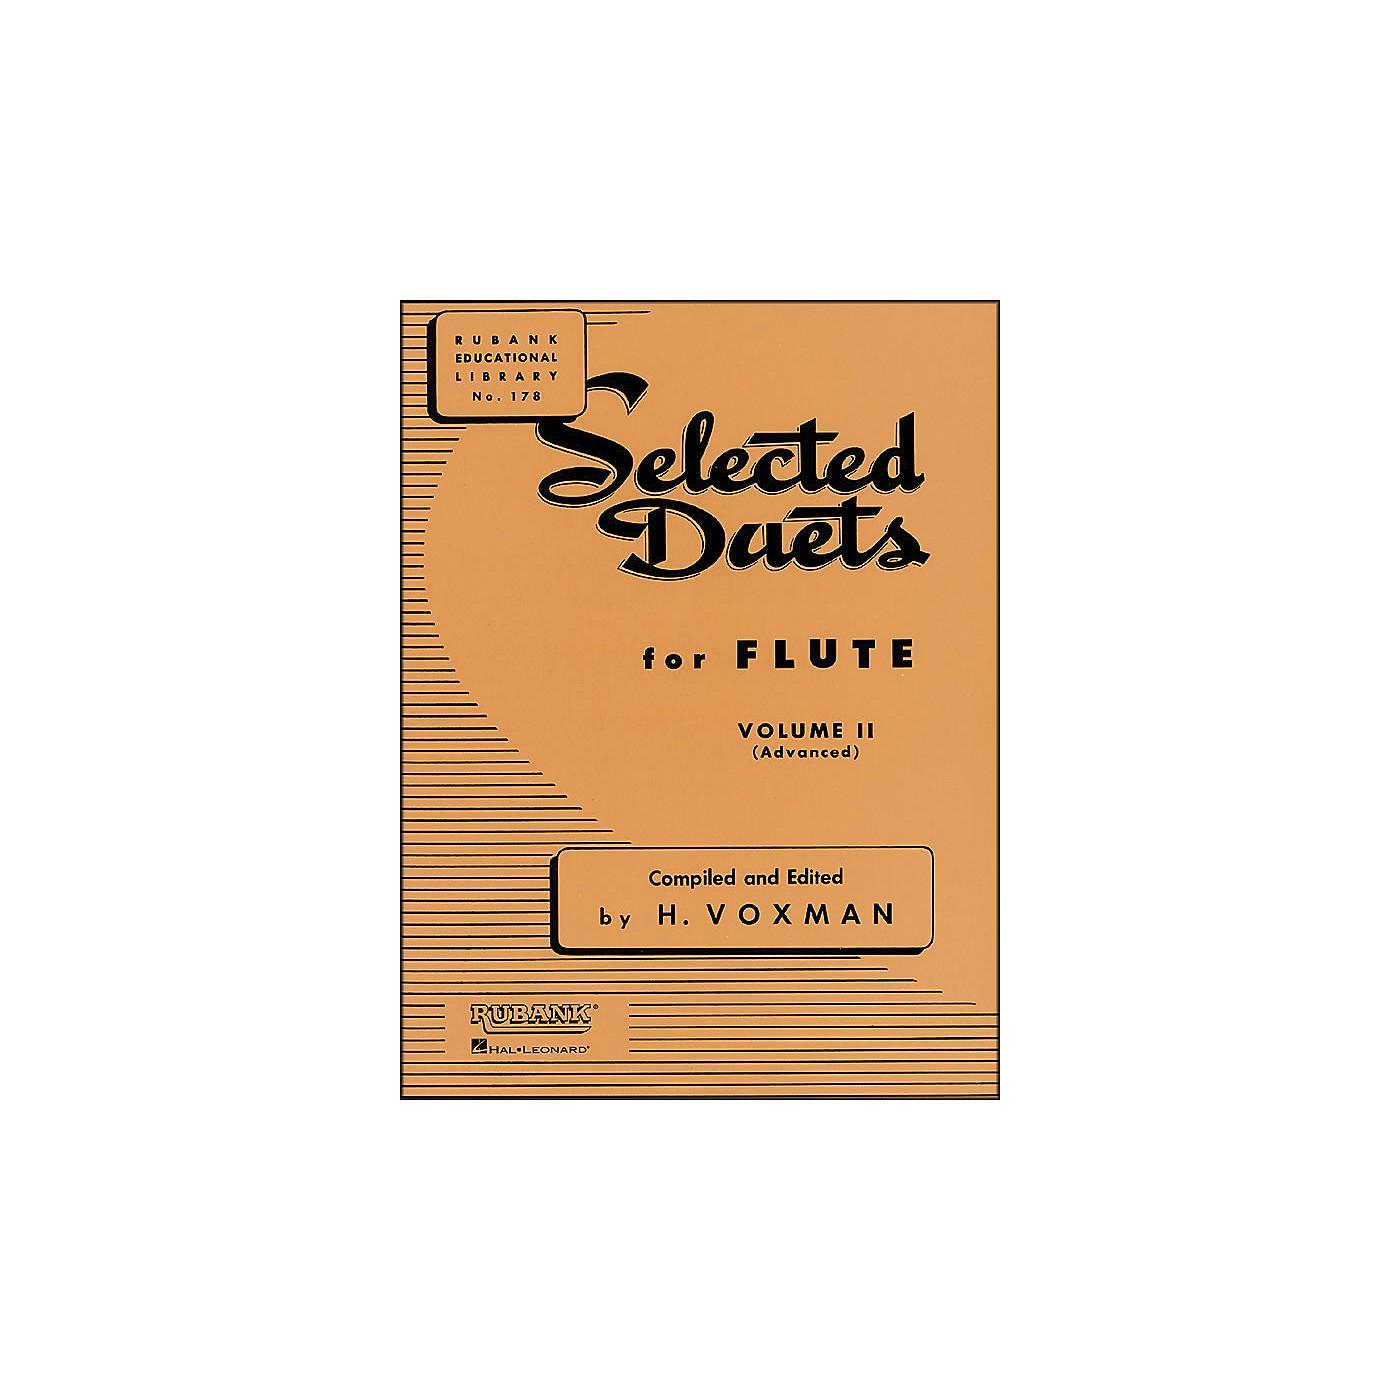 Hal Leonard Rubank Selected Duets for Flute Vol 2 Advanced thumbnail